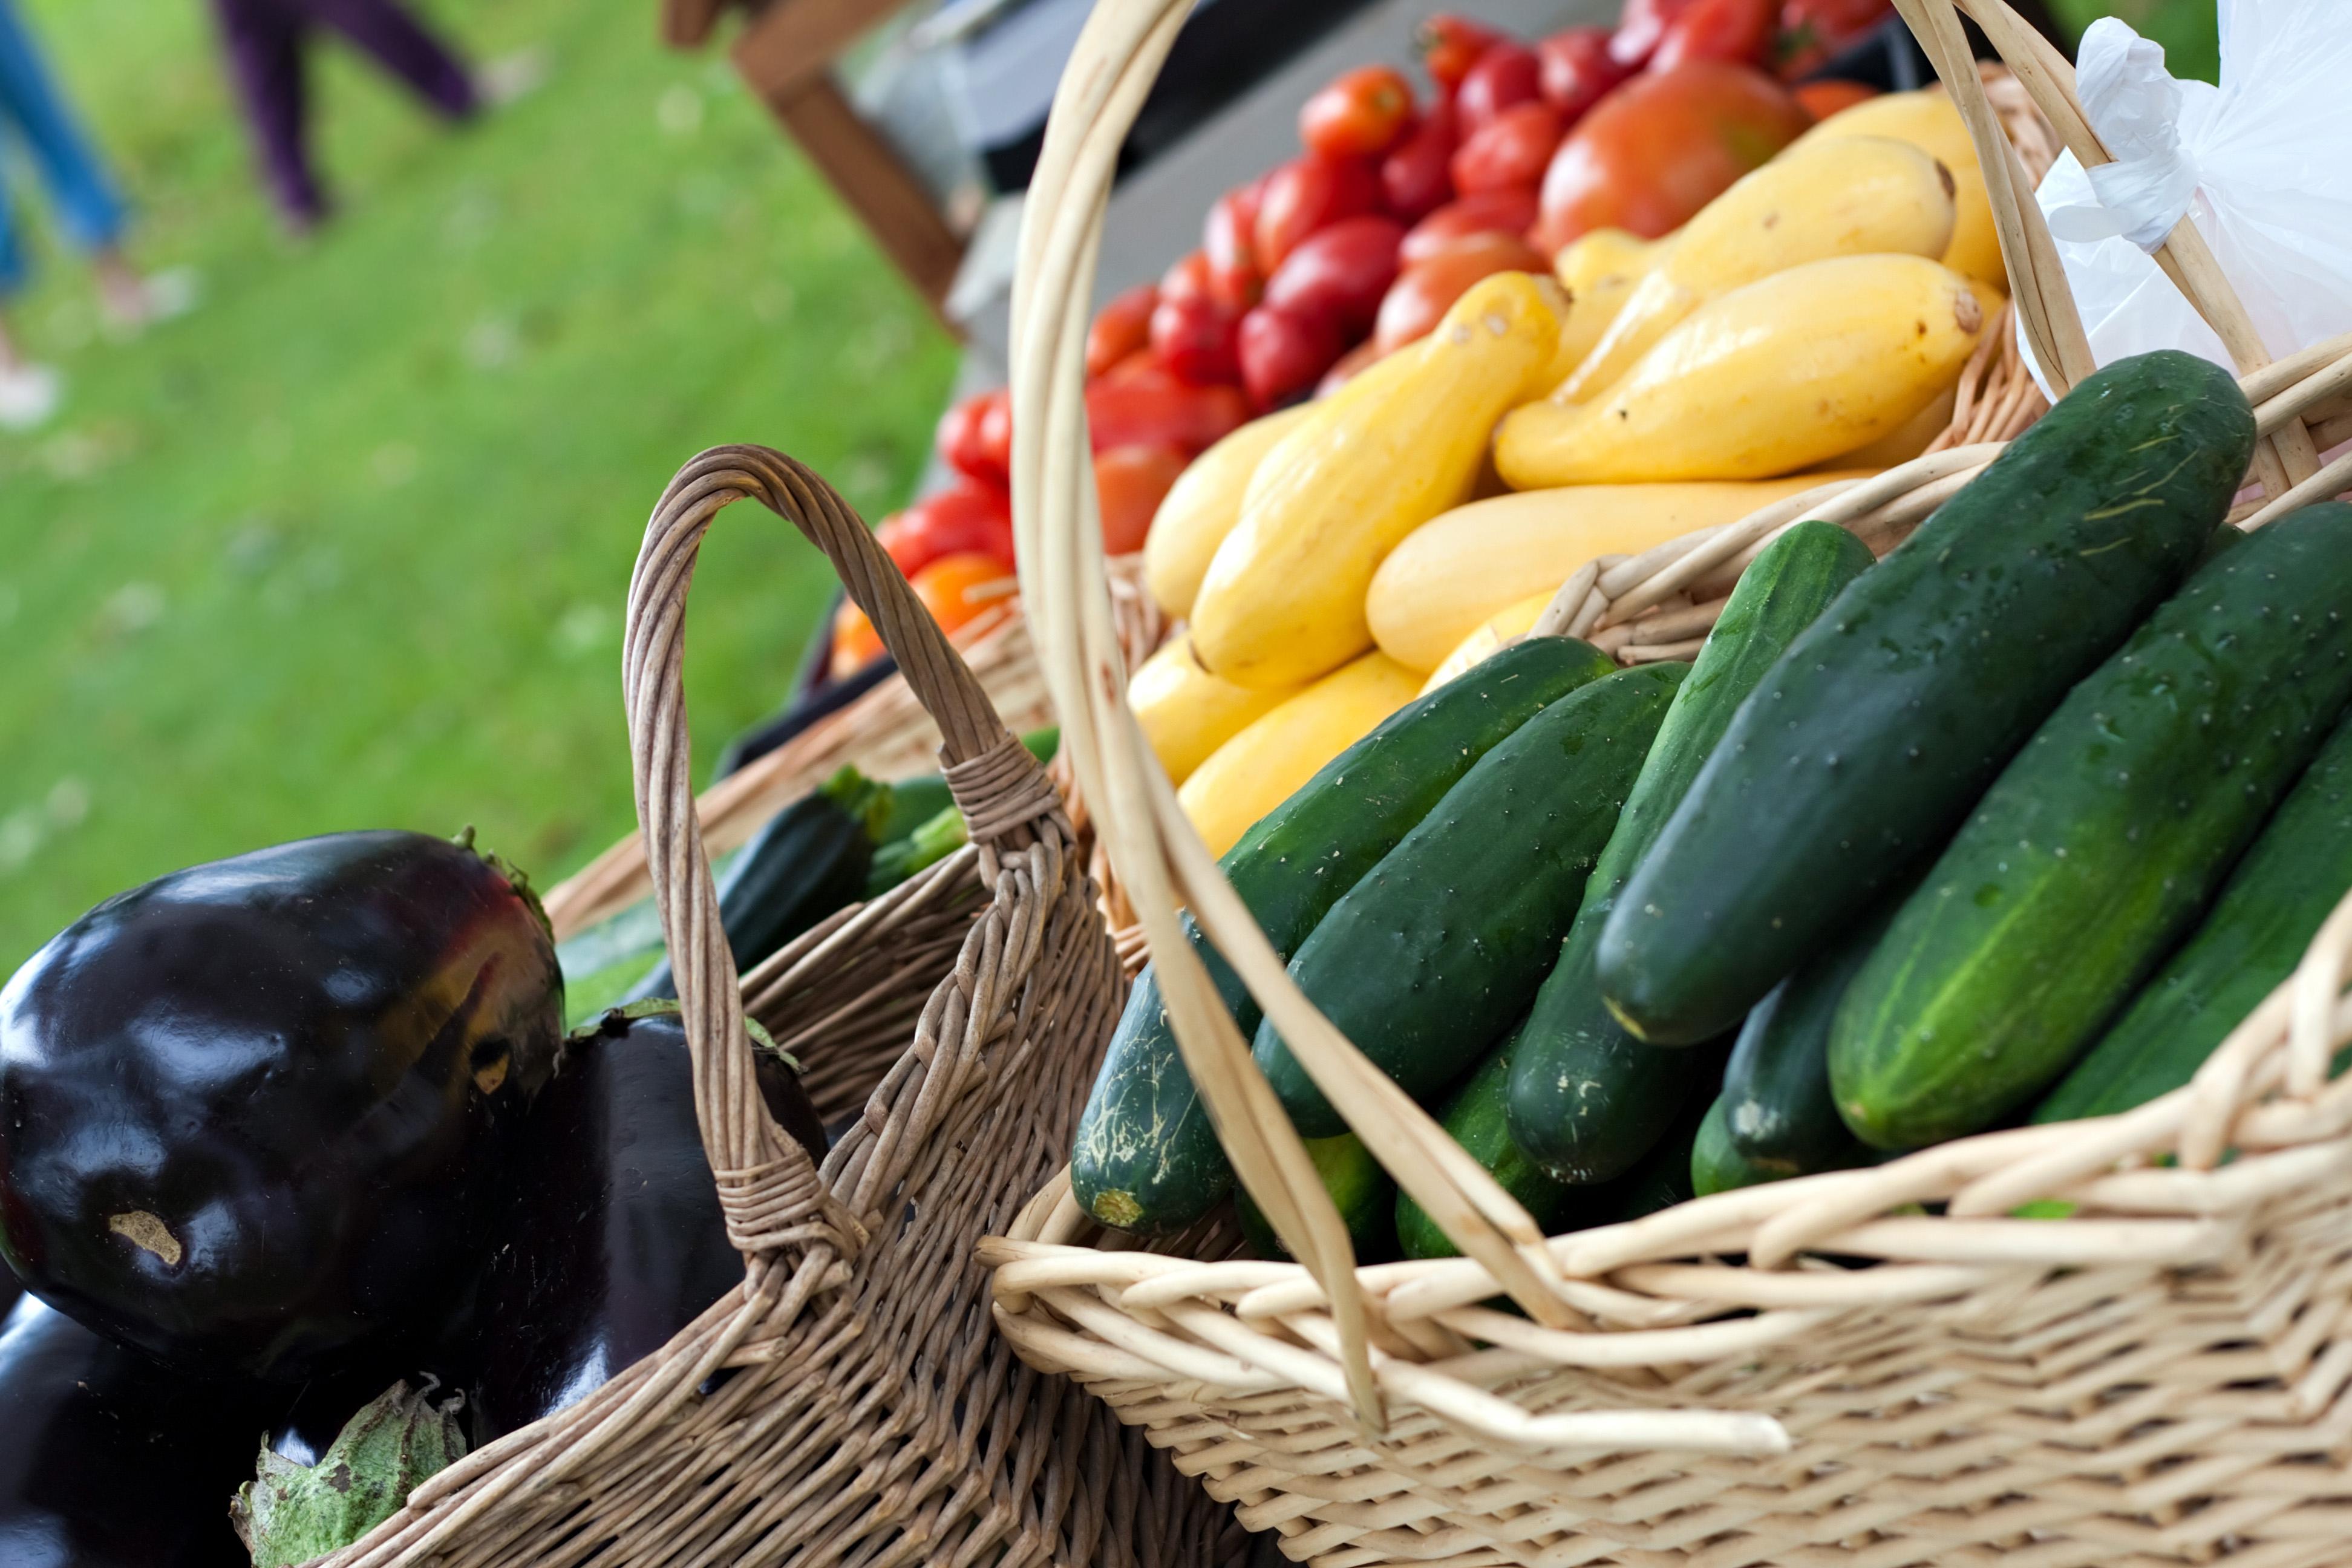 basket of vegetables at farmers market